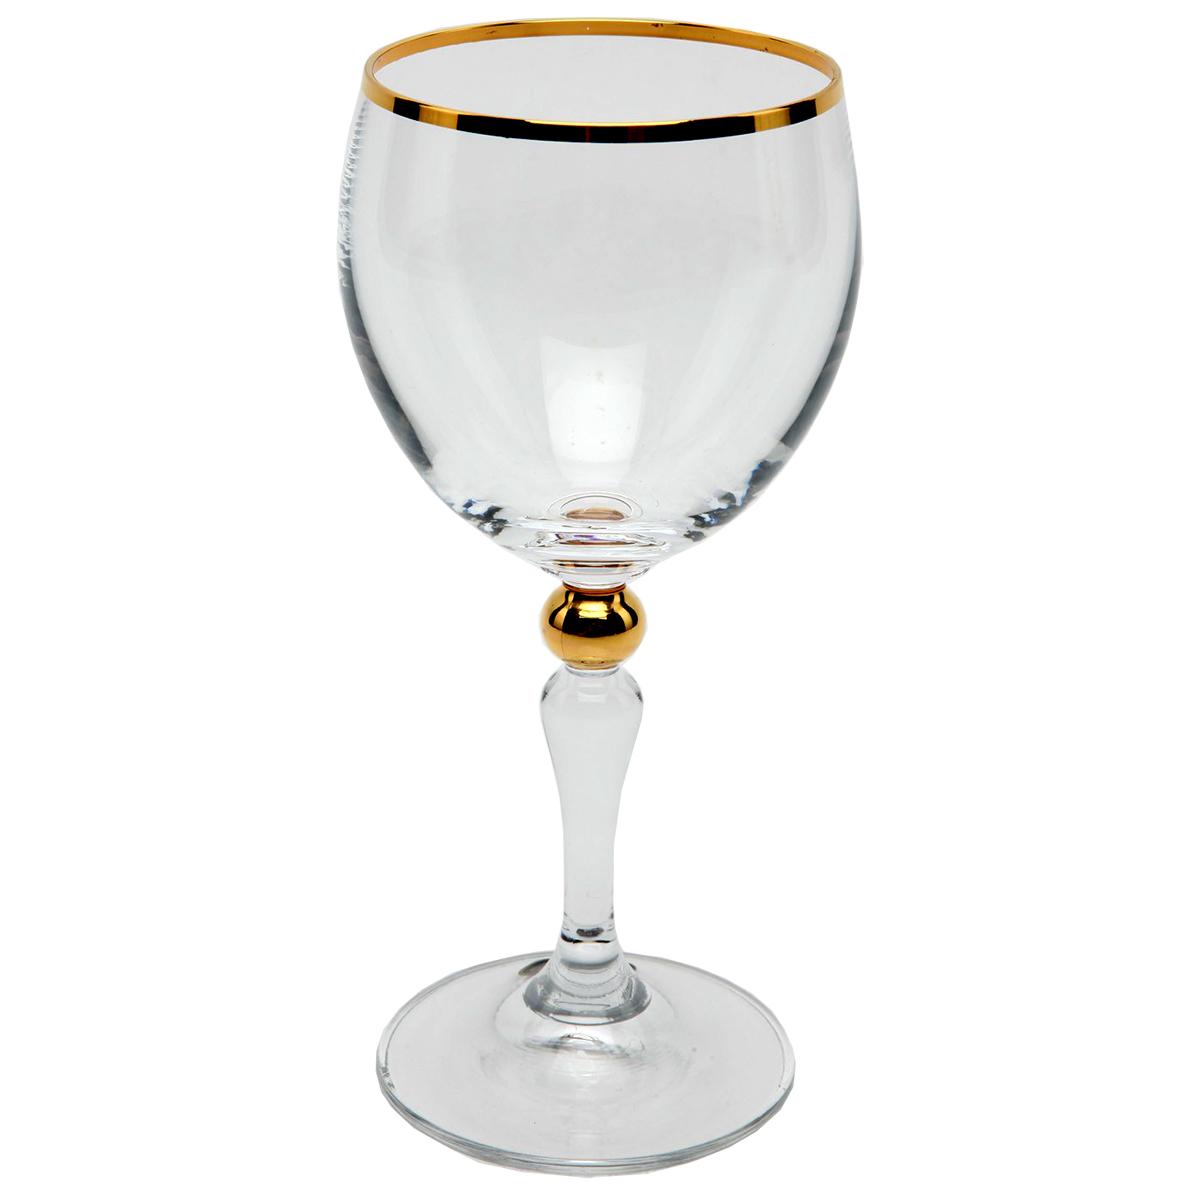 Набор бокалов для вина Bohemia Crystal Кармен, 200 мл, 6 шт40318/20639/200Бокалы для вина Bohemia Crystal коллекции Кармен порадуют не только вас, но и ваших гостей. Они обладают привлекательным внешним видом, а материалом их изготовления является высококачественное хрустальное стекло. Кроме того, красоту бокала подчеркивает элегантная форма ножки. Объем составляет 200 мл. Количество в упаковке 6 шт.